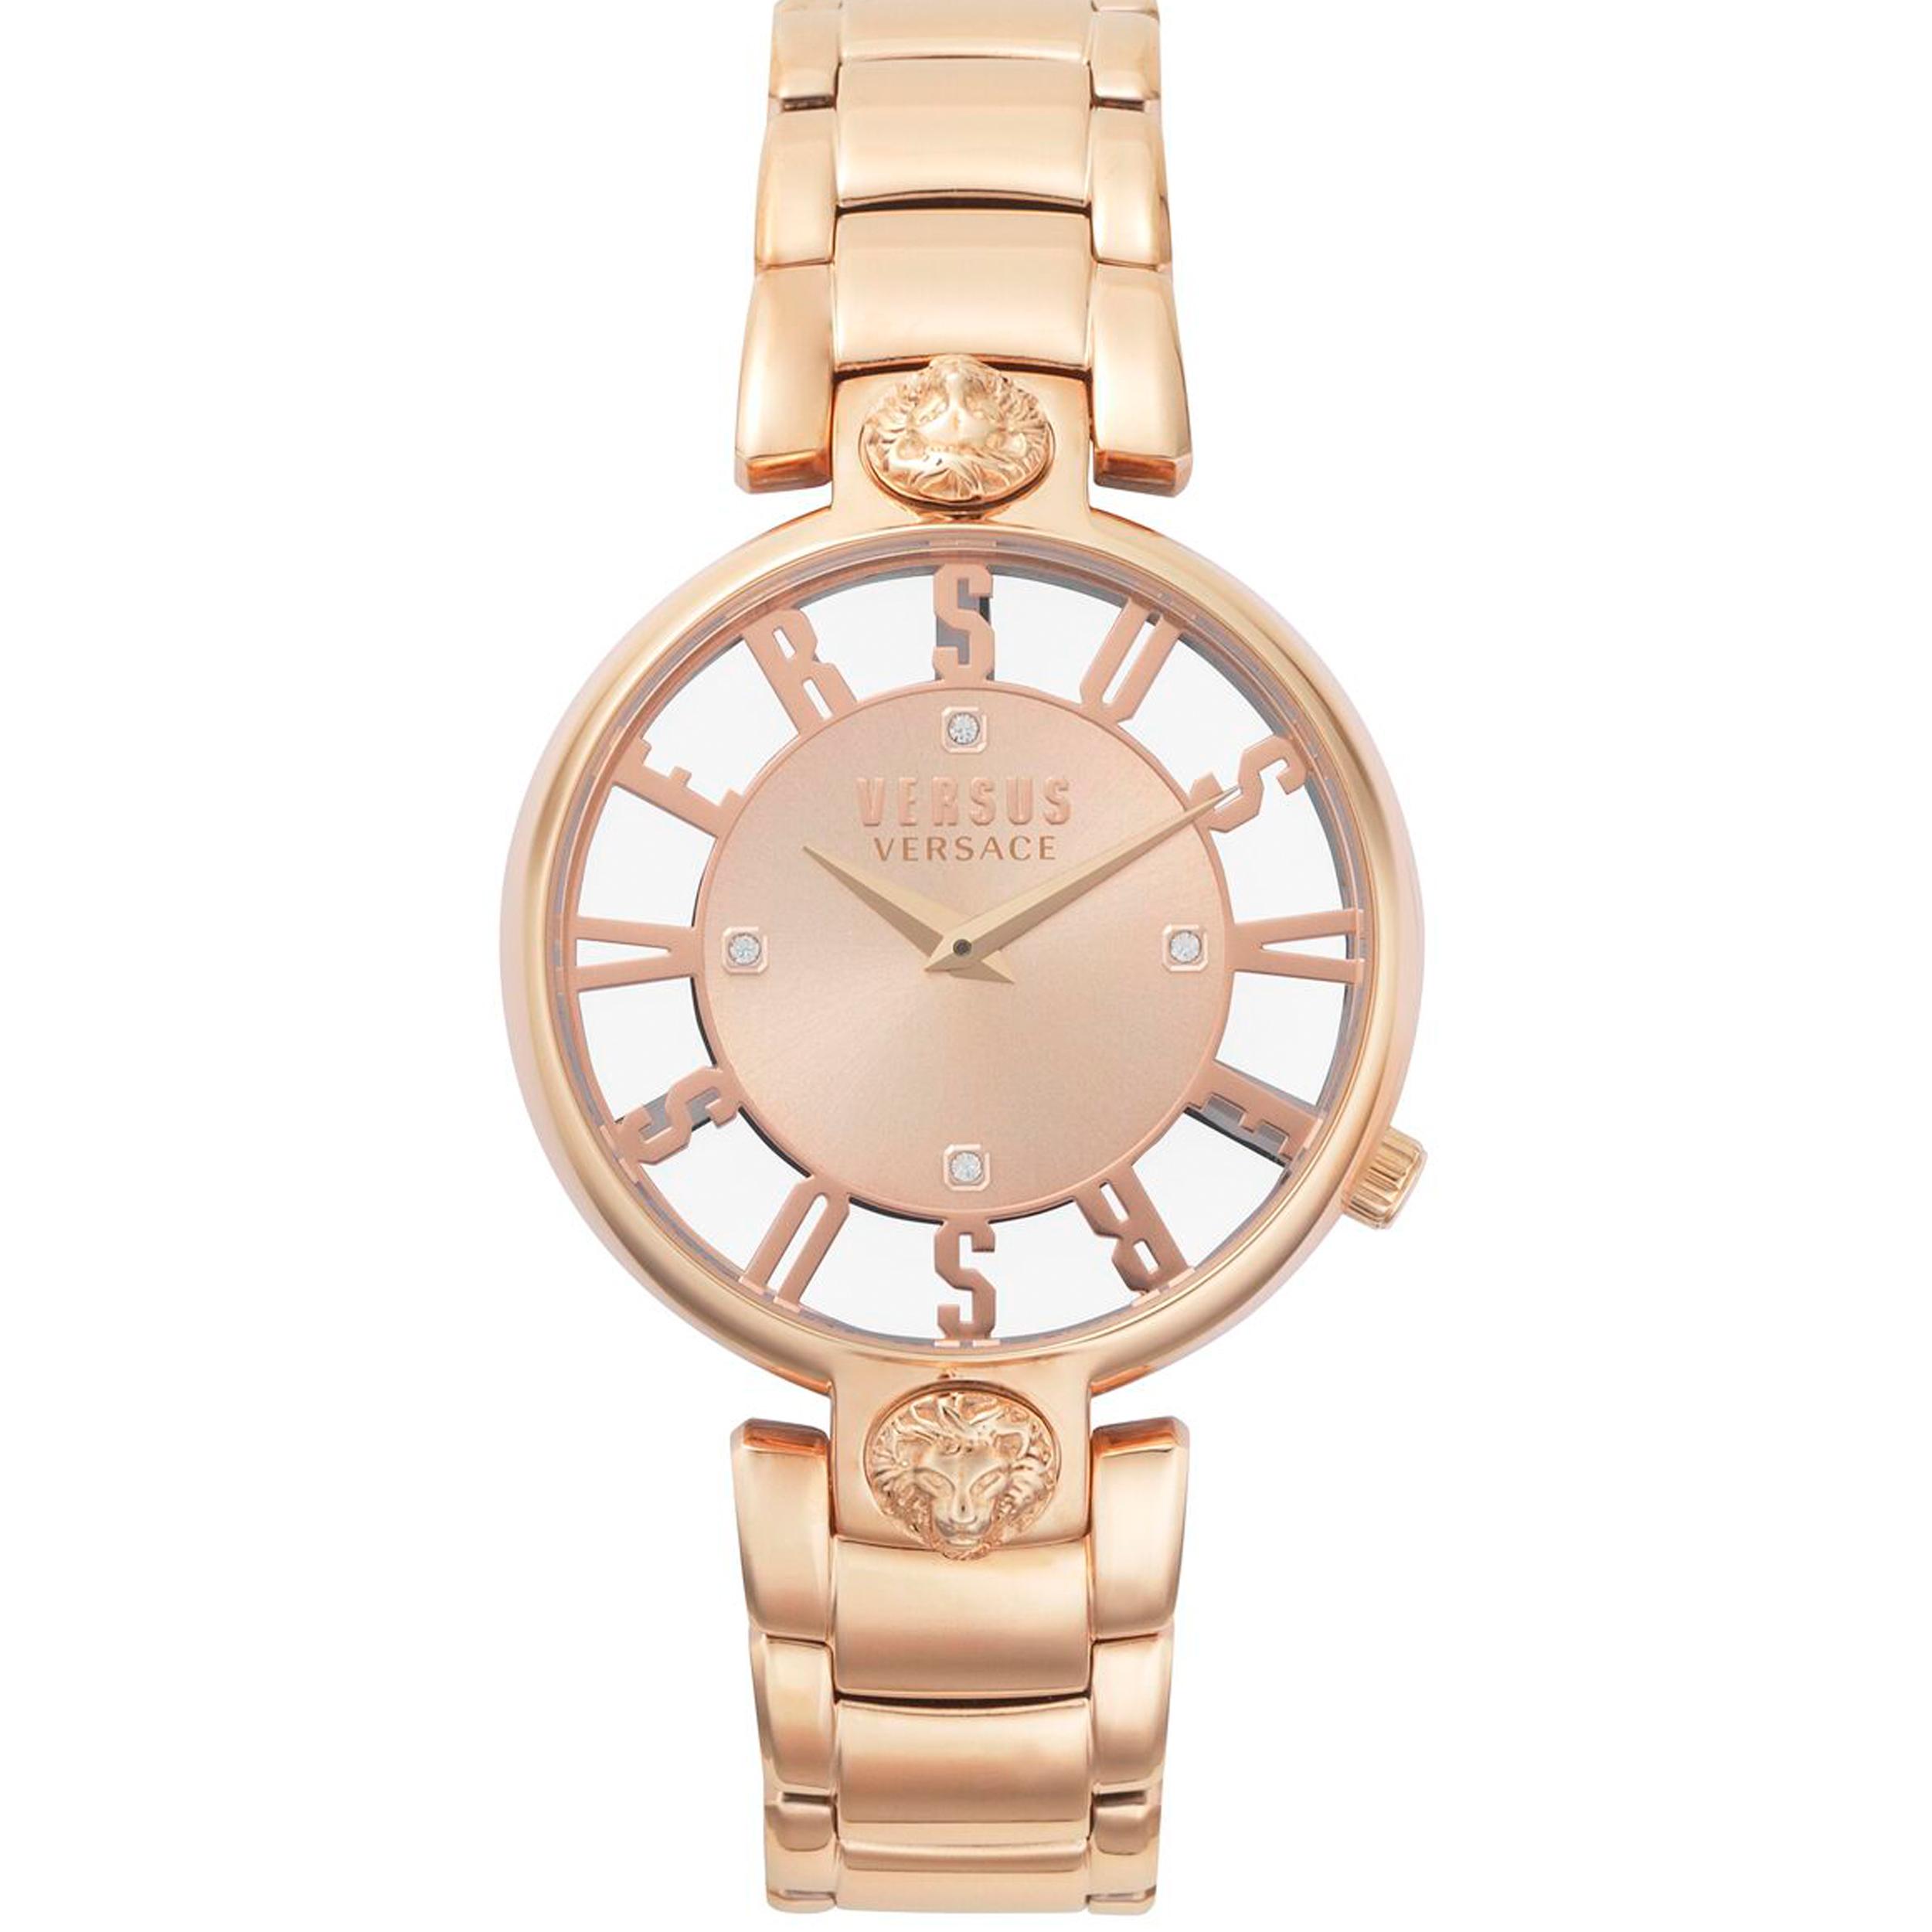 ساعت مچی عقربه ای زنانه ورسوس ورساچه مدل VSP490718